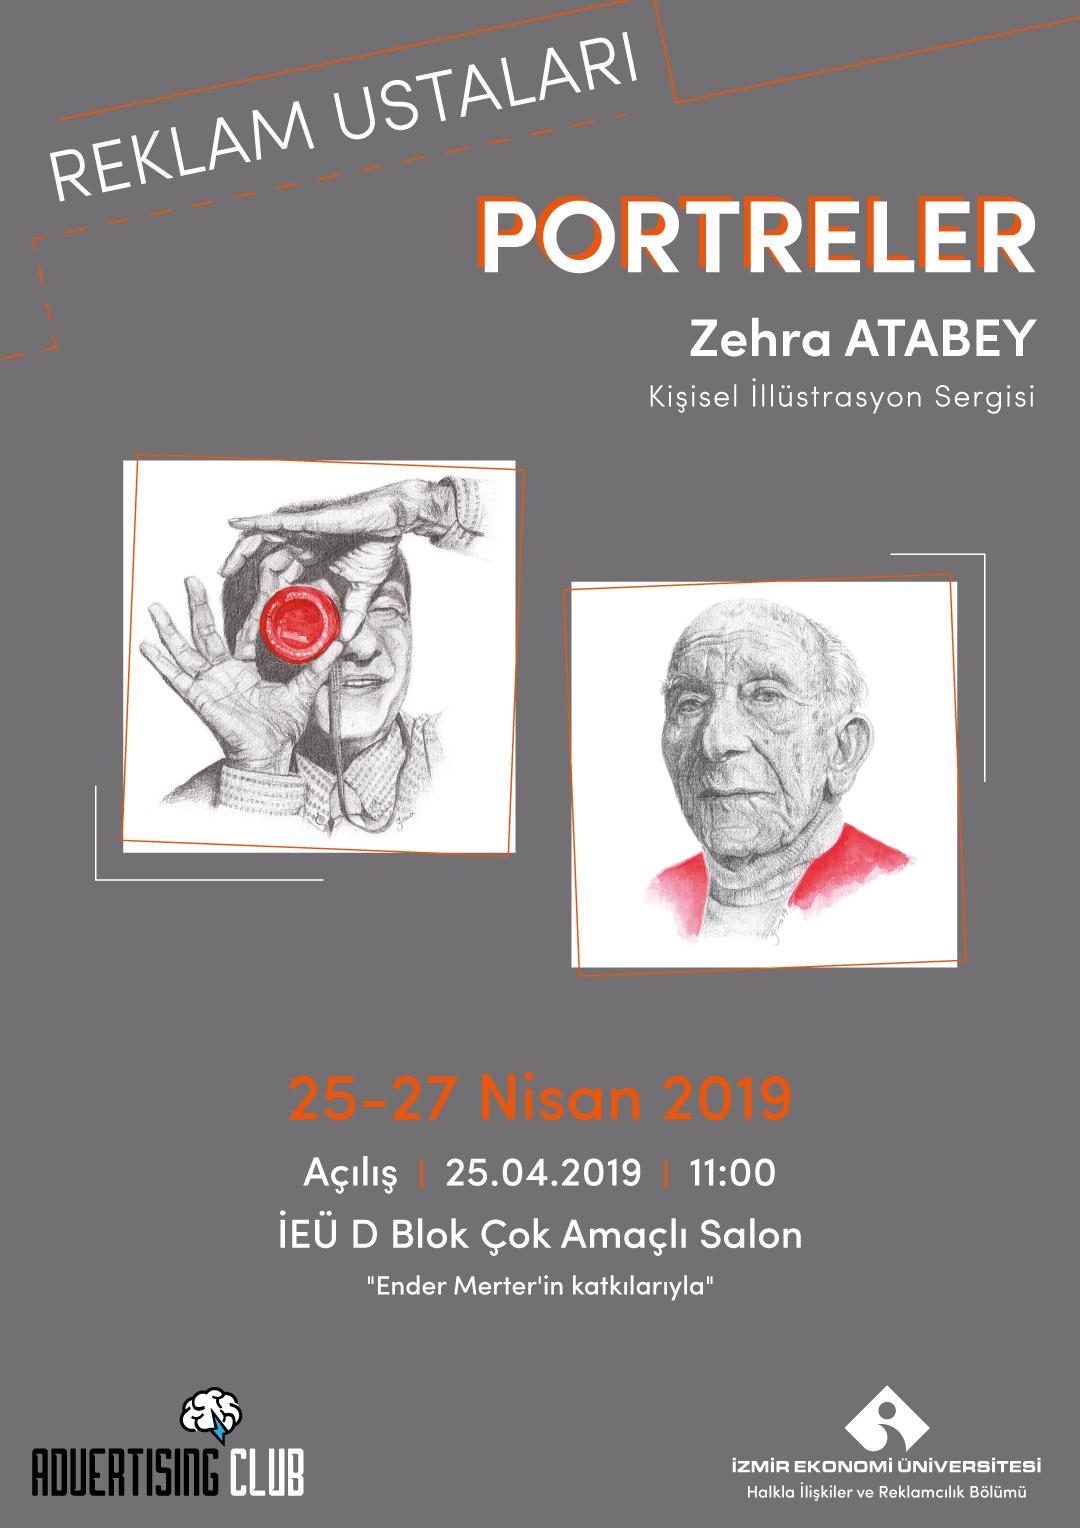 Reklam Ustaları Sergisi & Portreler - Zehra Atabey